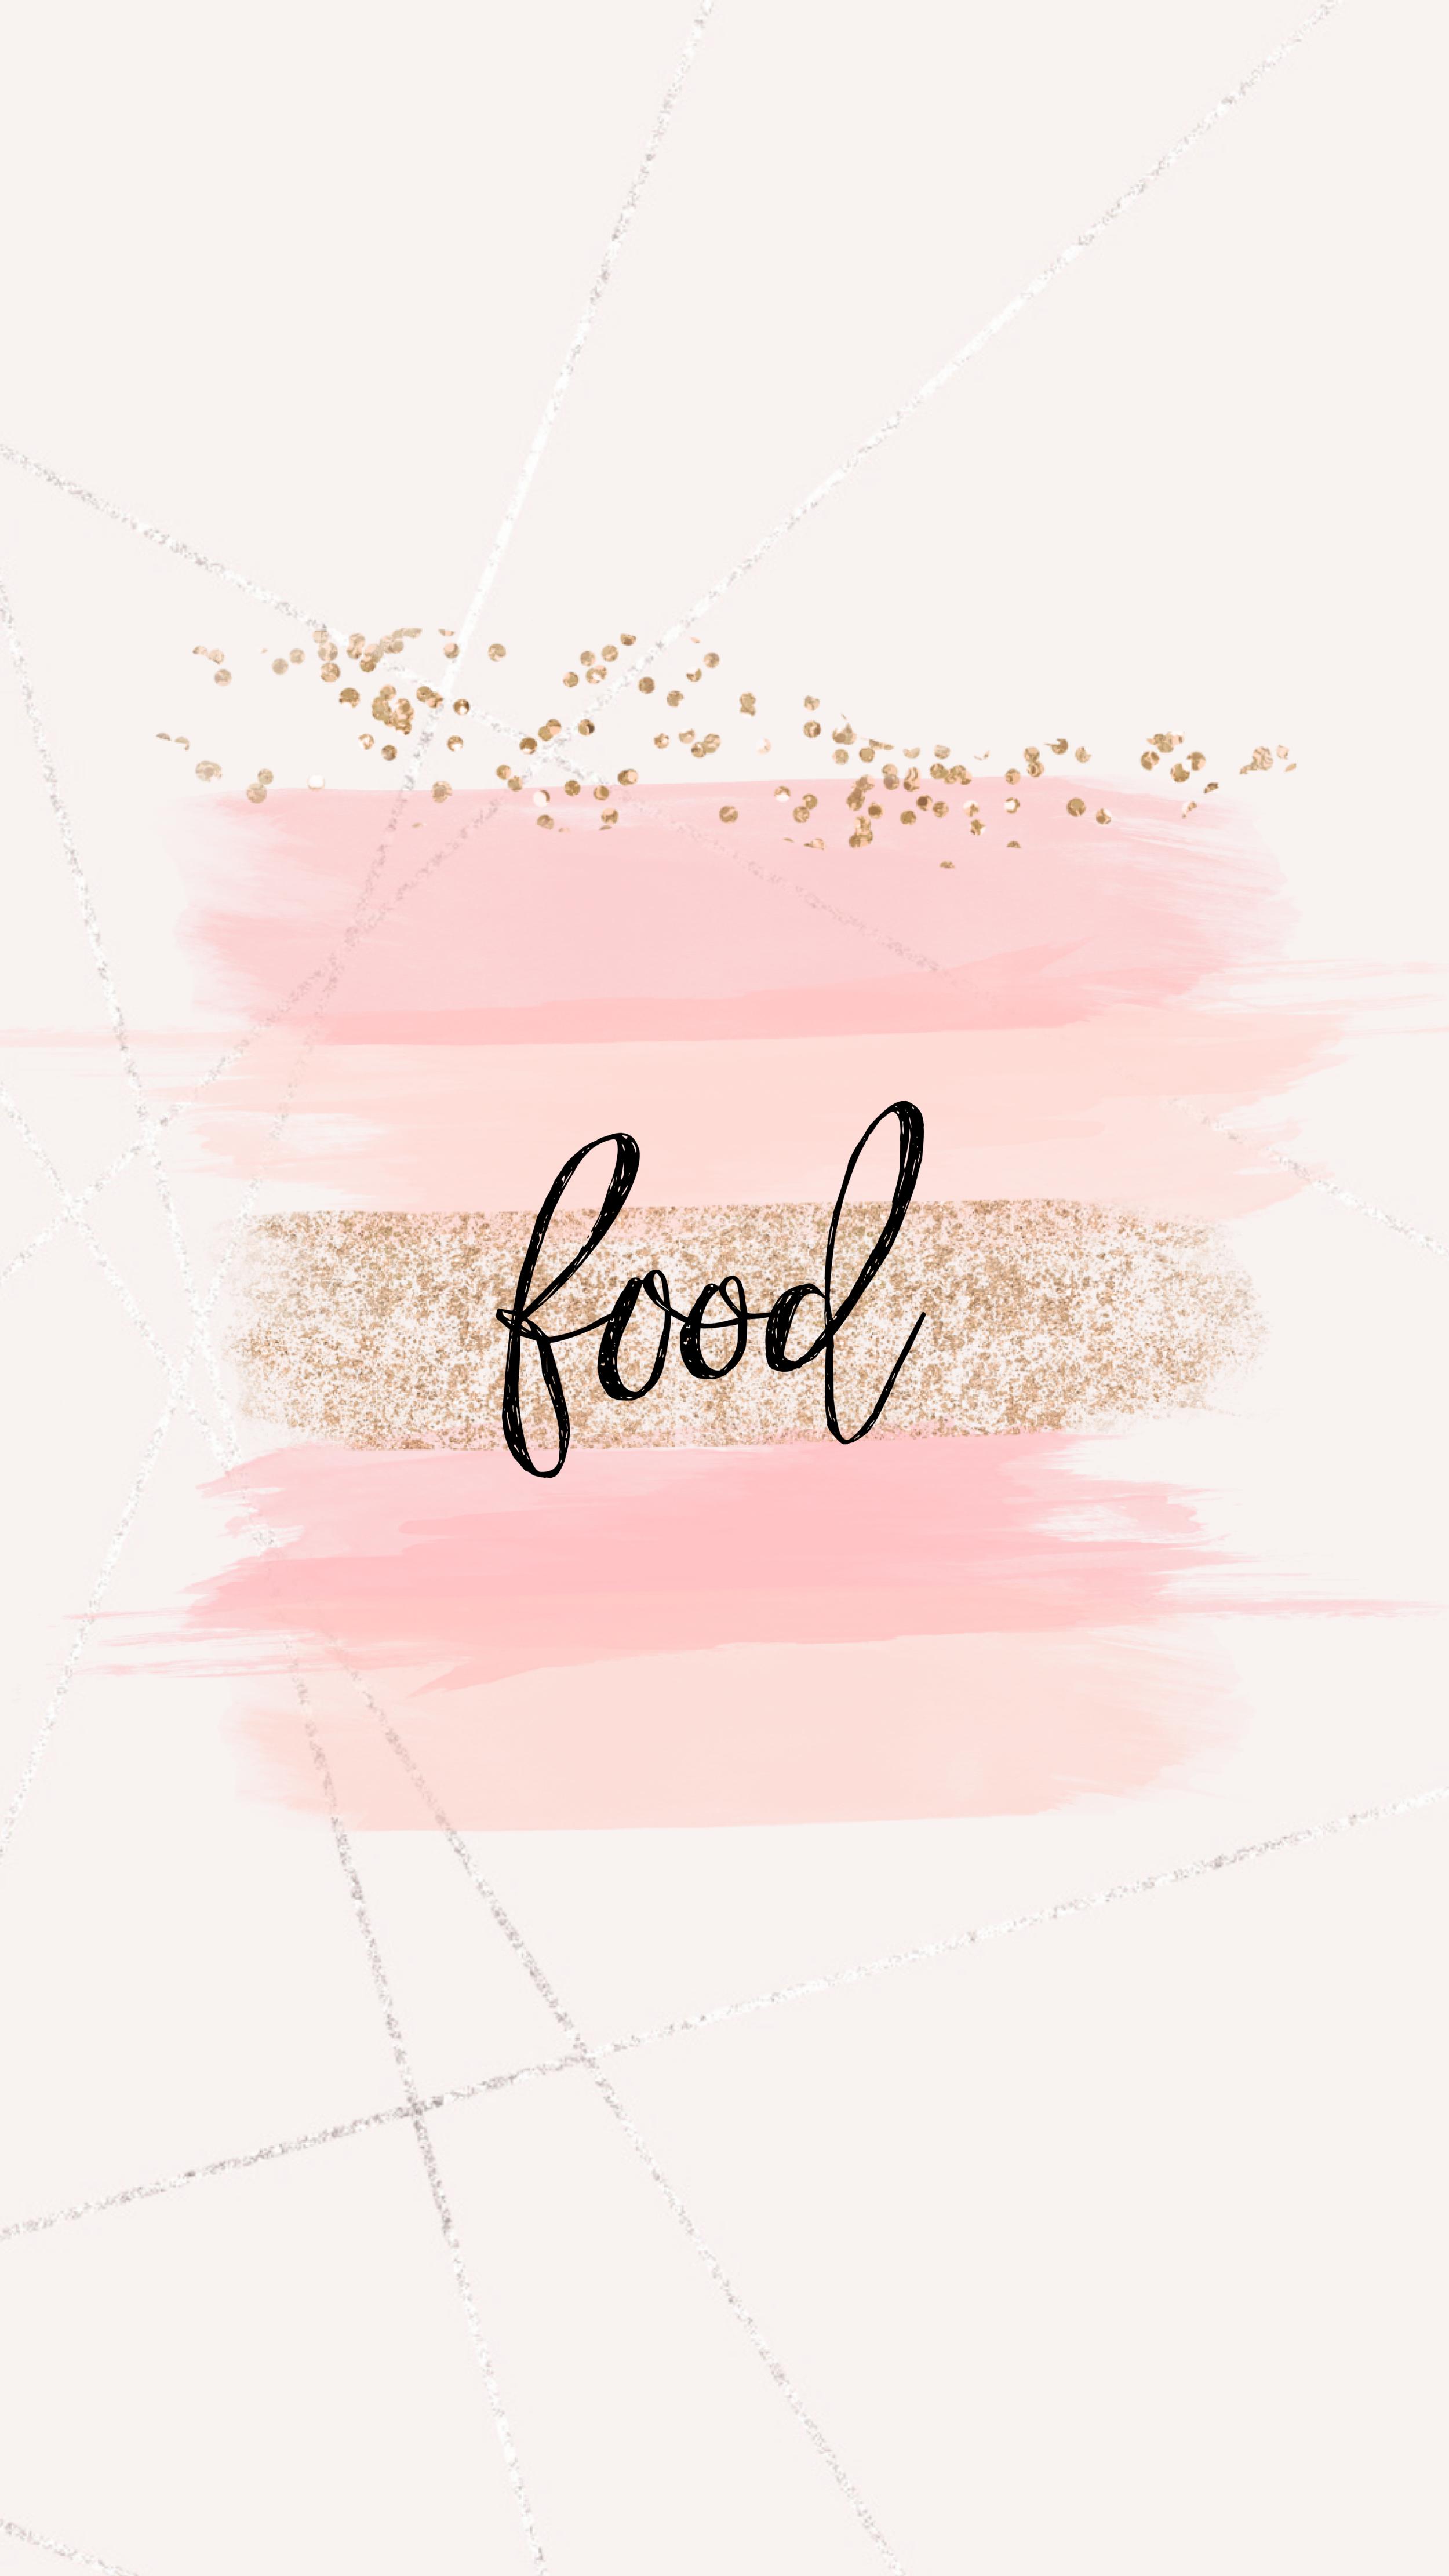 food.png